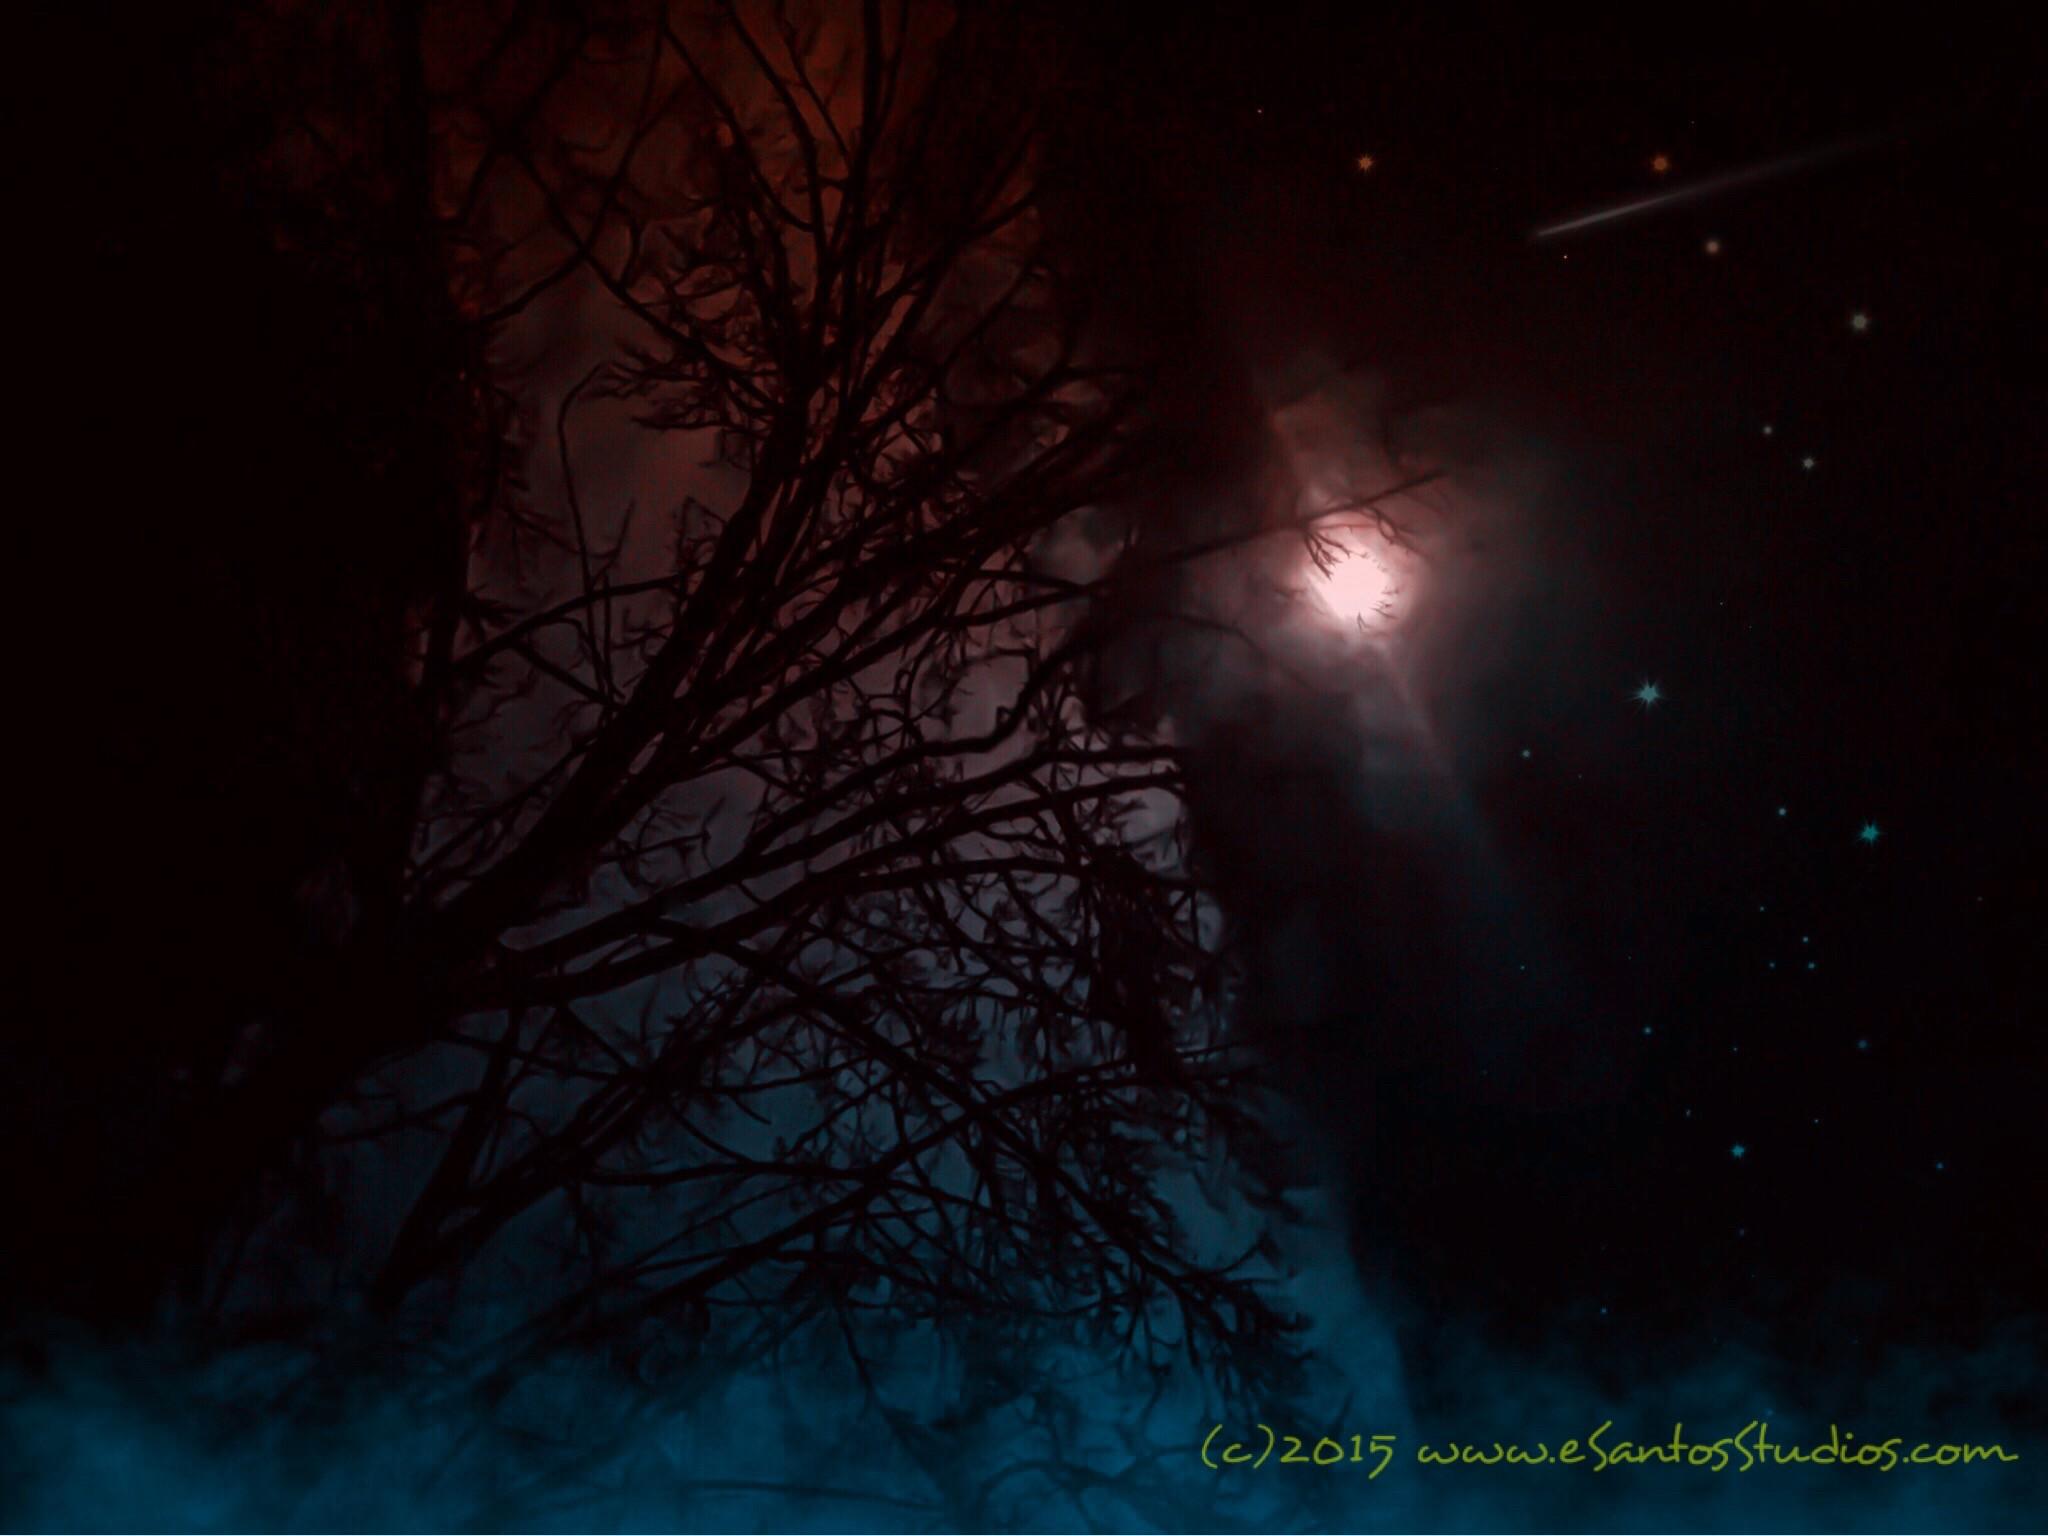 Moon over Misquamicut www.eSantosStudios.com